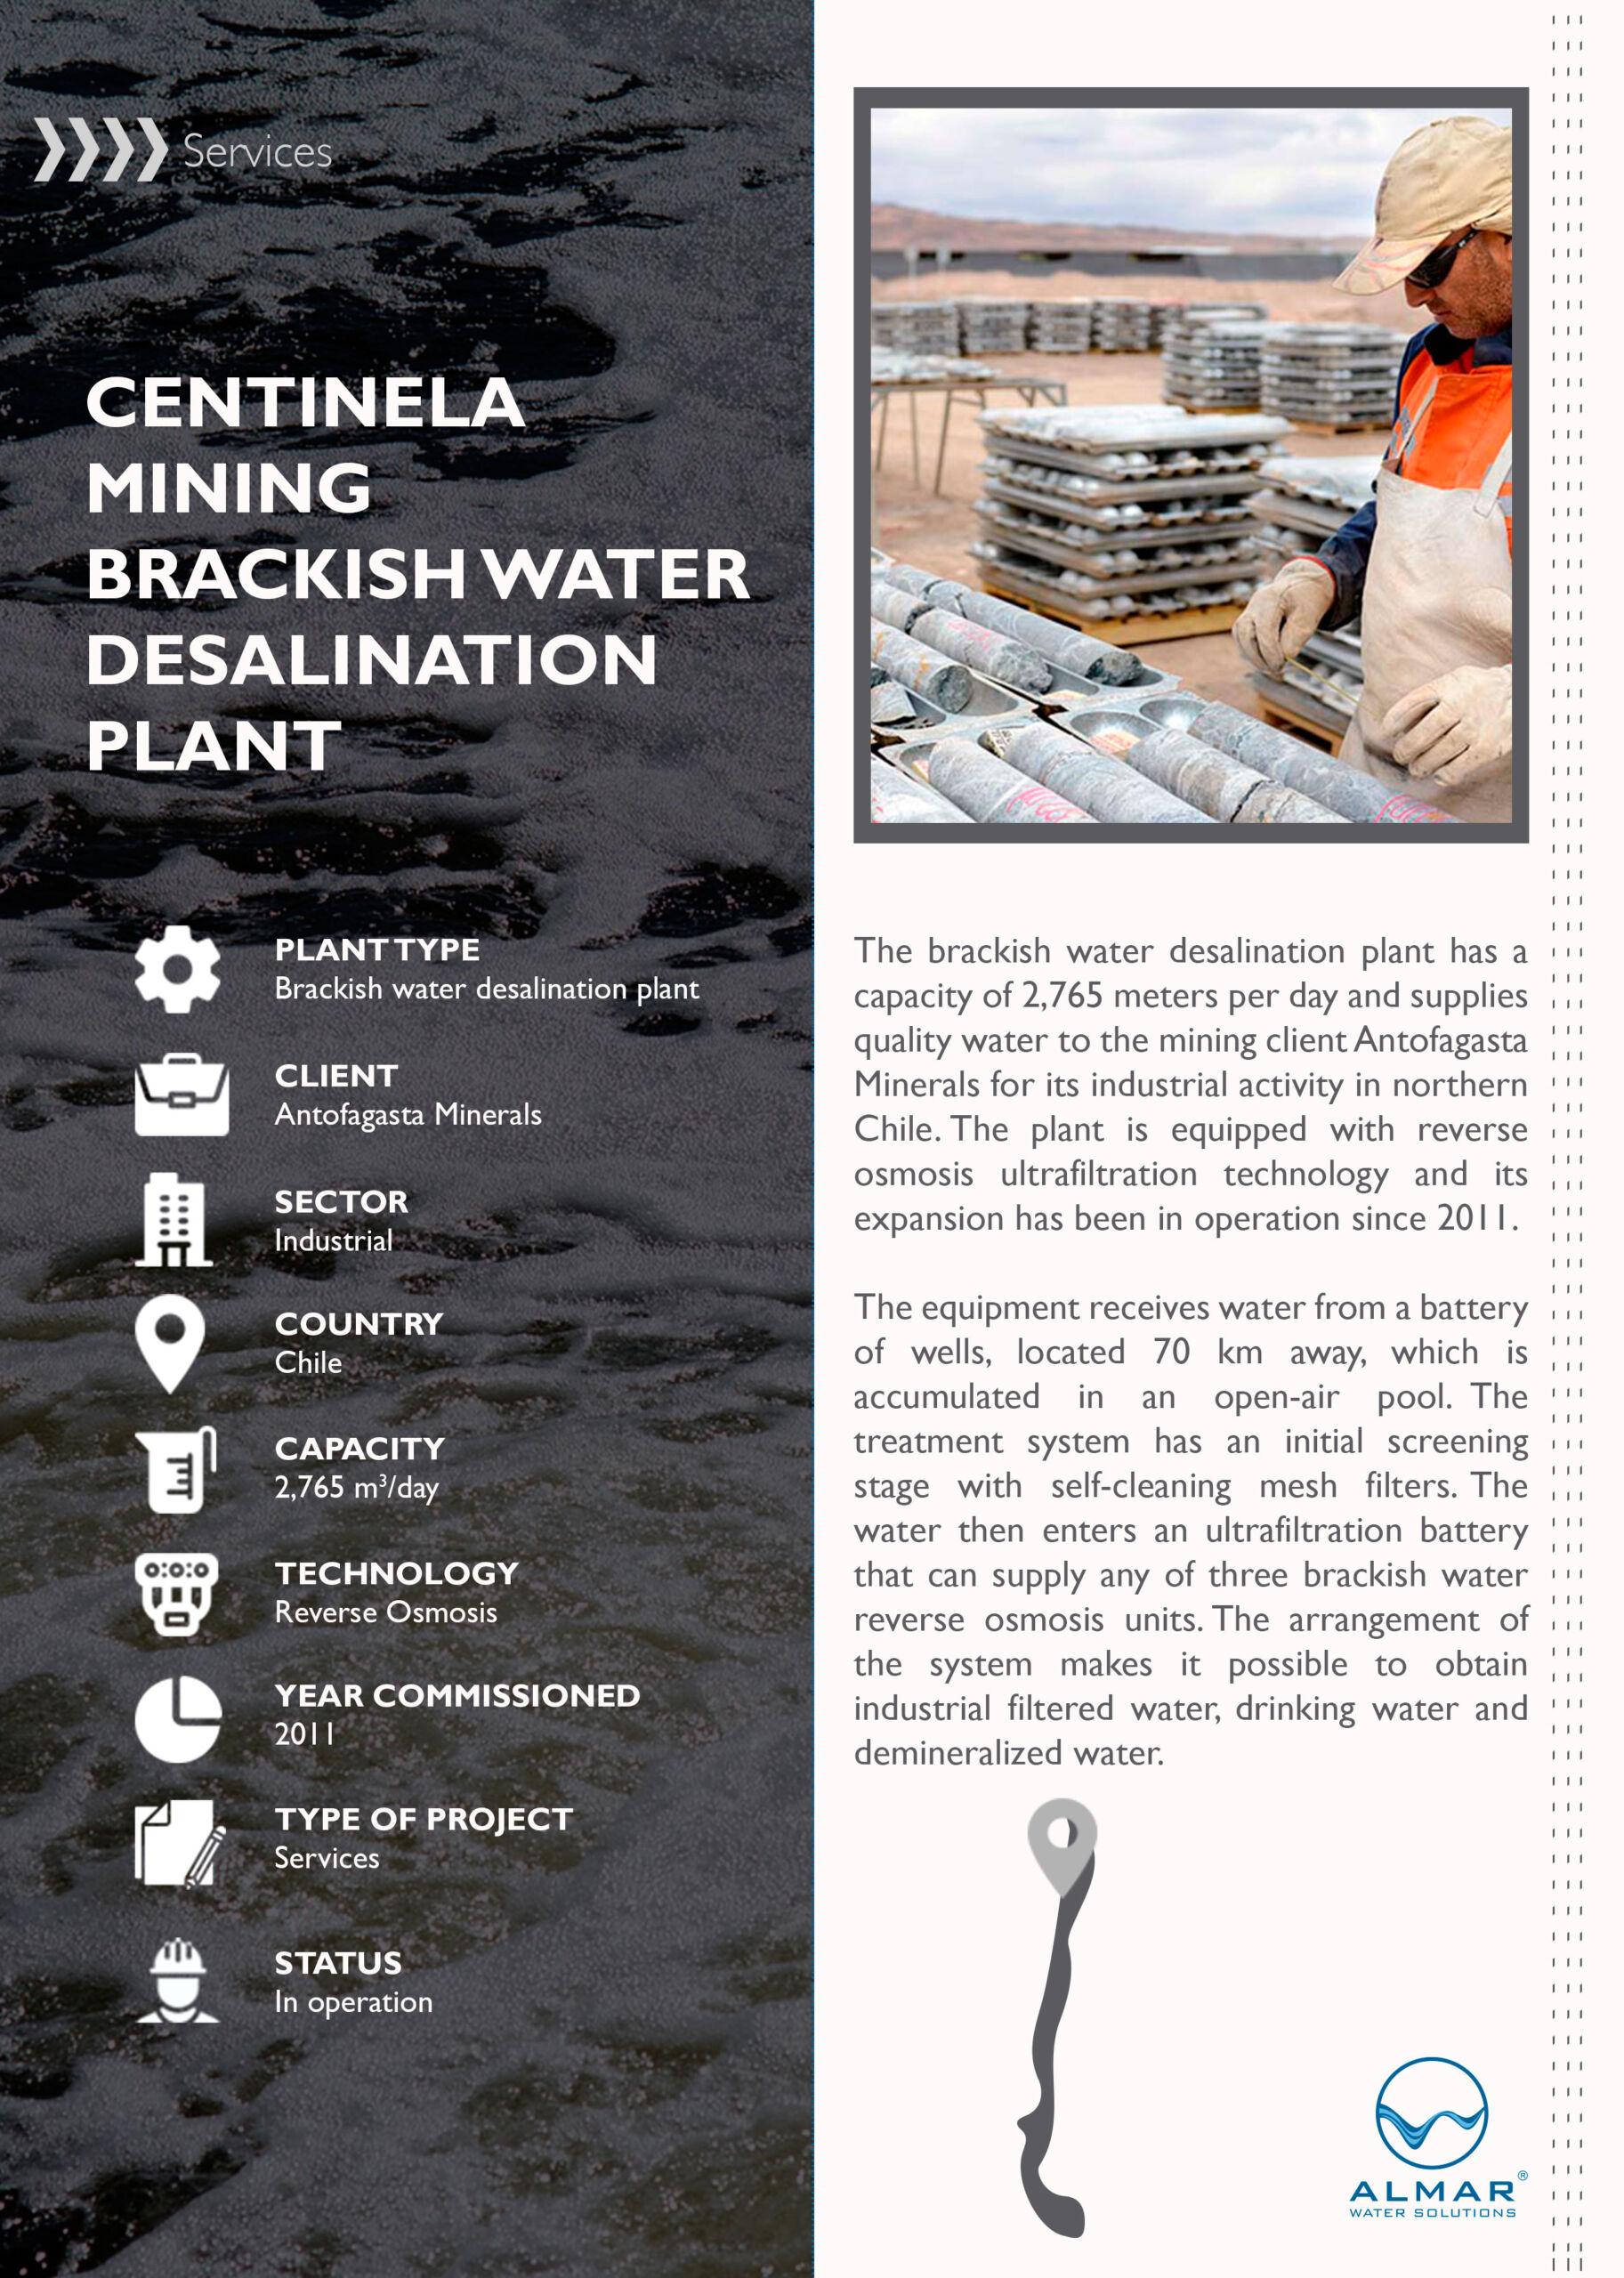 Centinela Mining Sheet